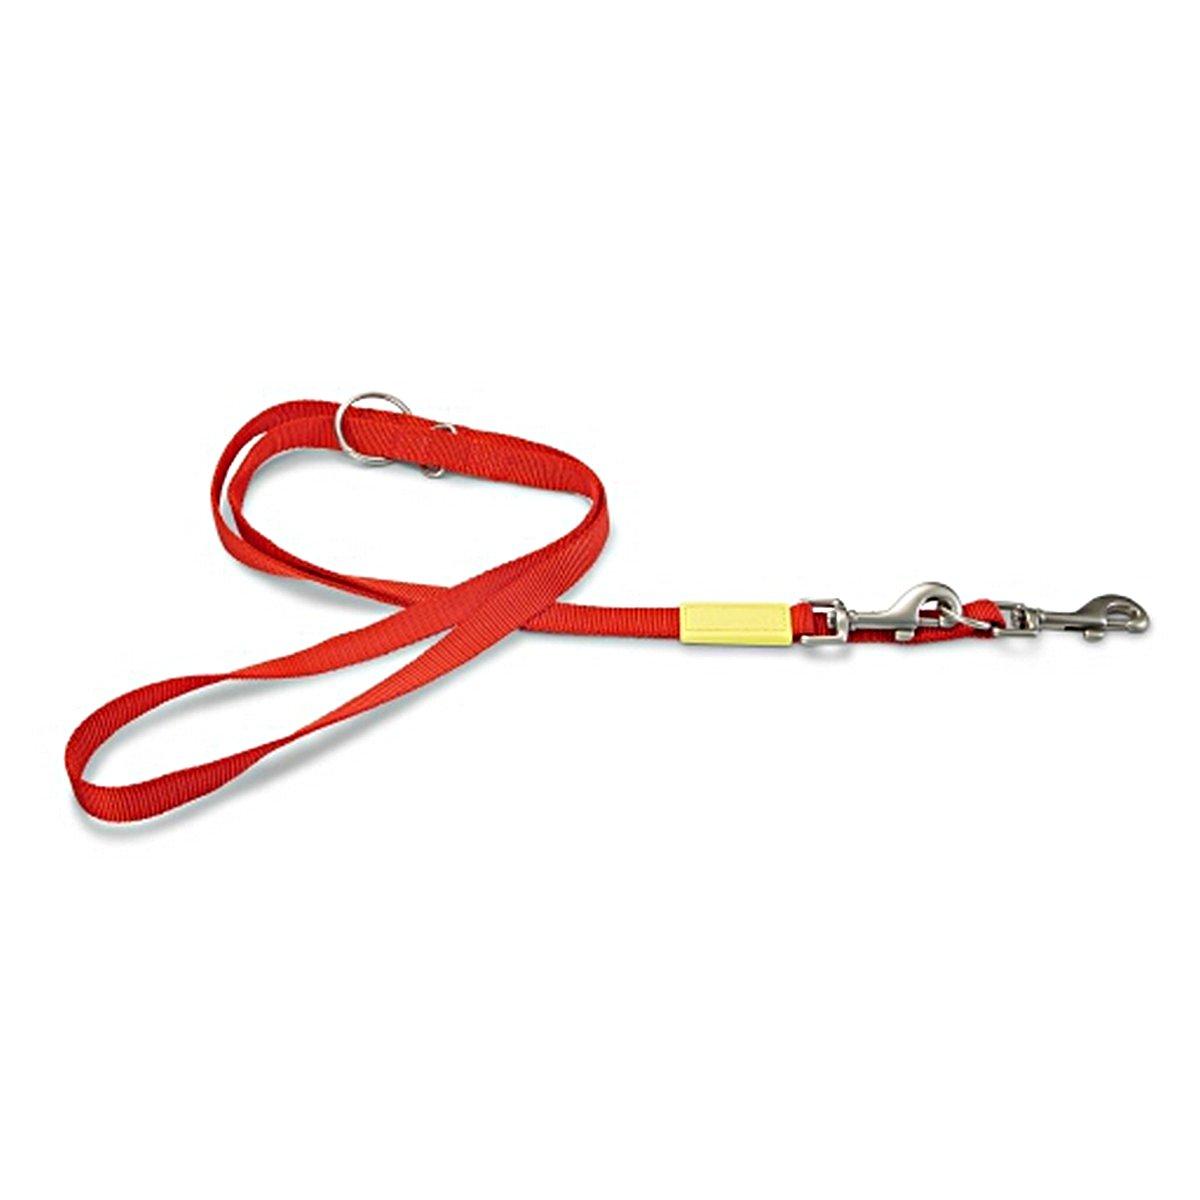 Imagem de Beeztees Dressage Line Uni Nylon Red 200cmx20mm